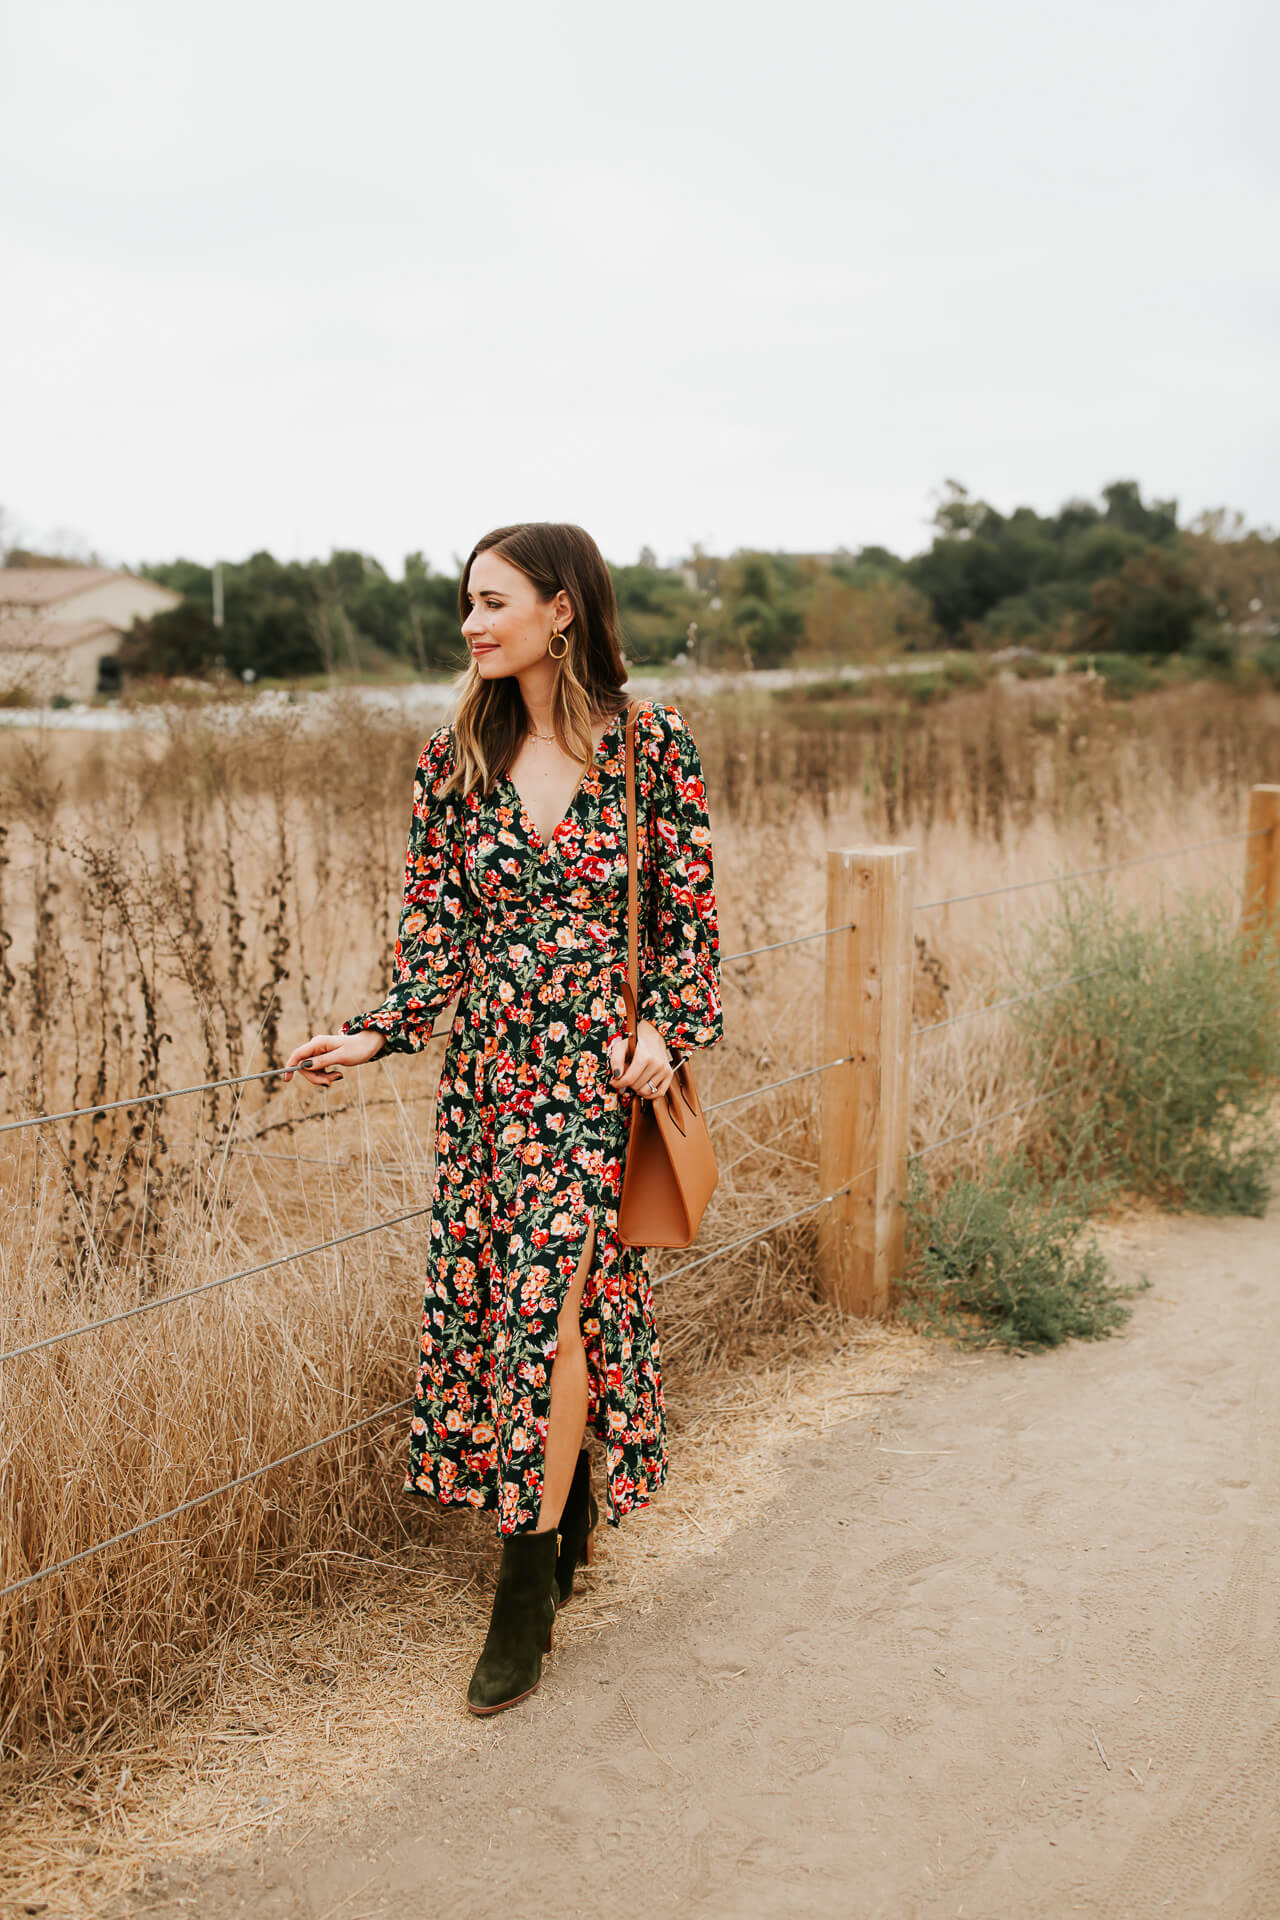 falls-florals-dress